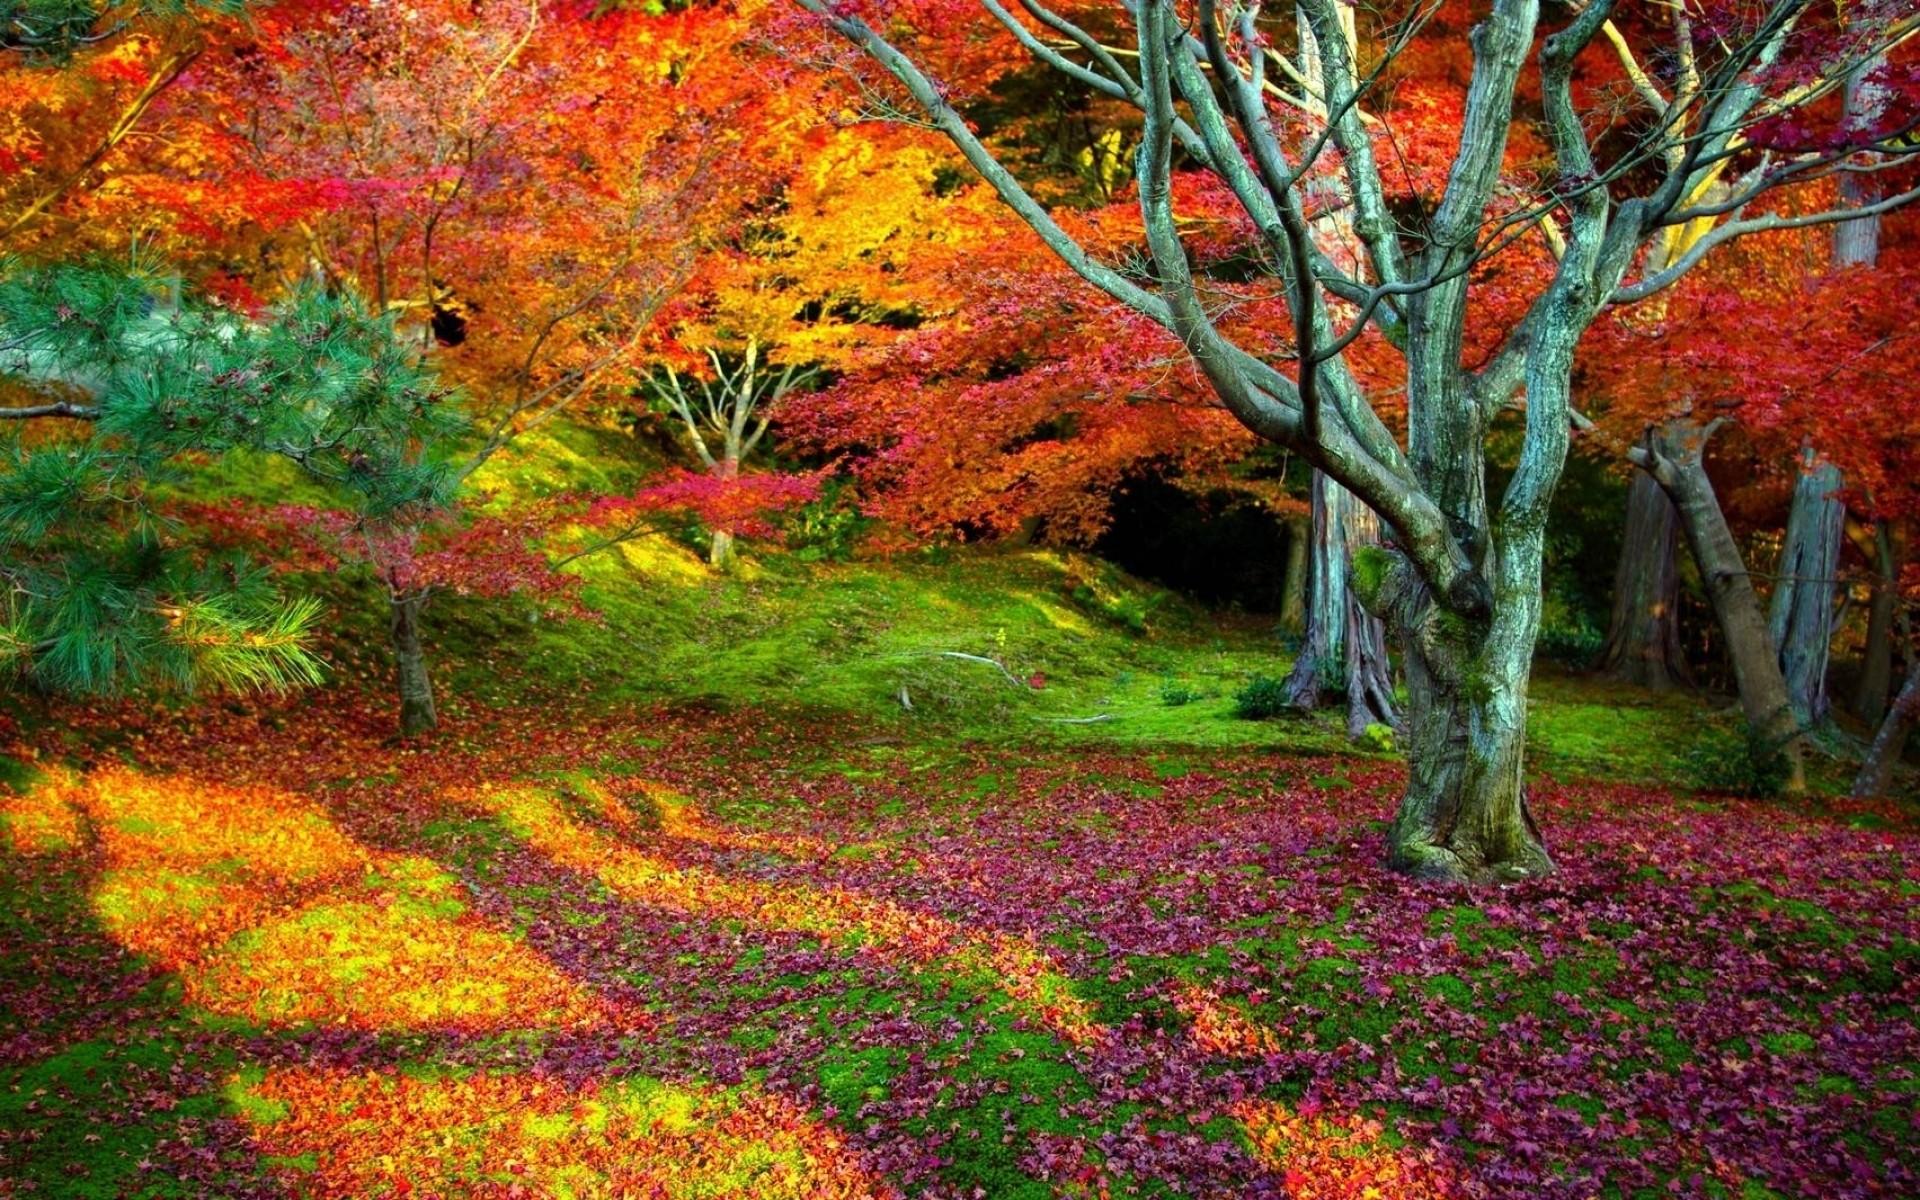 Arboles con hojas de colores - 1920x1200